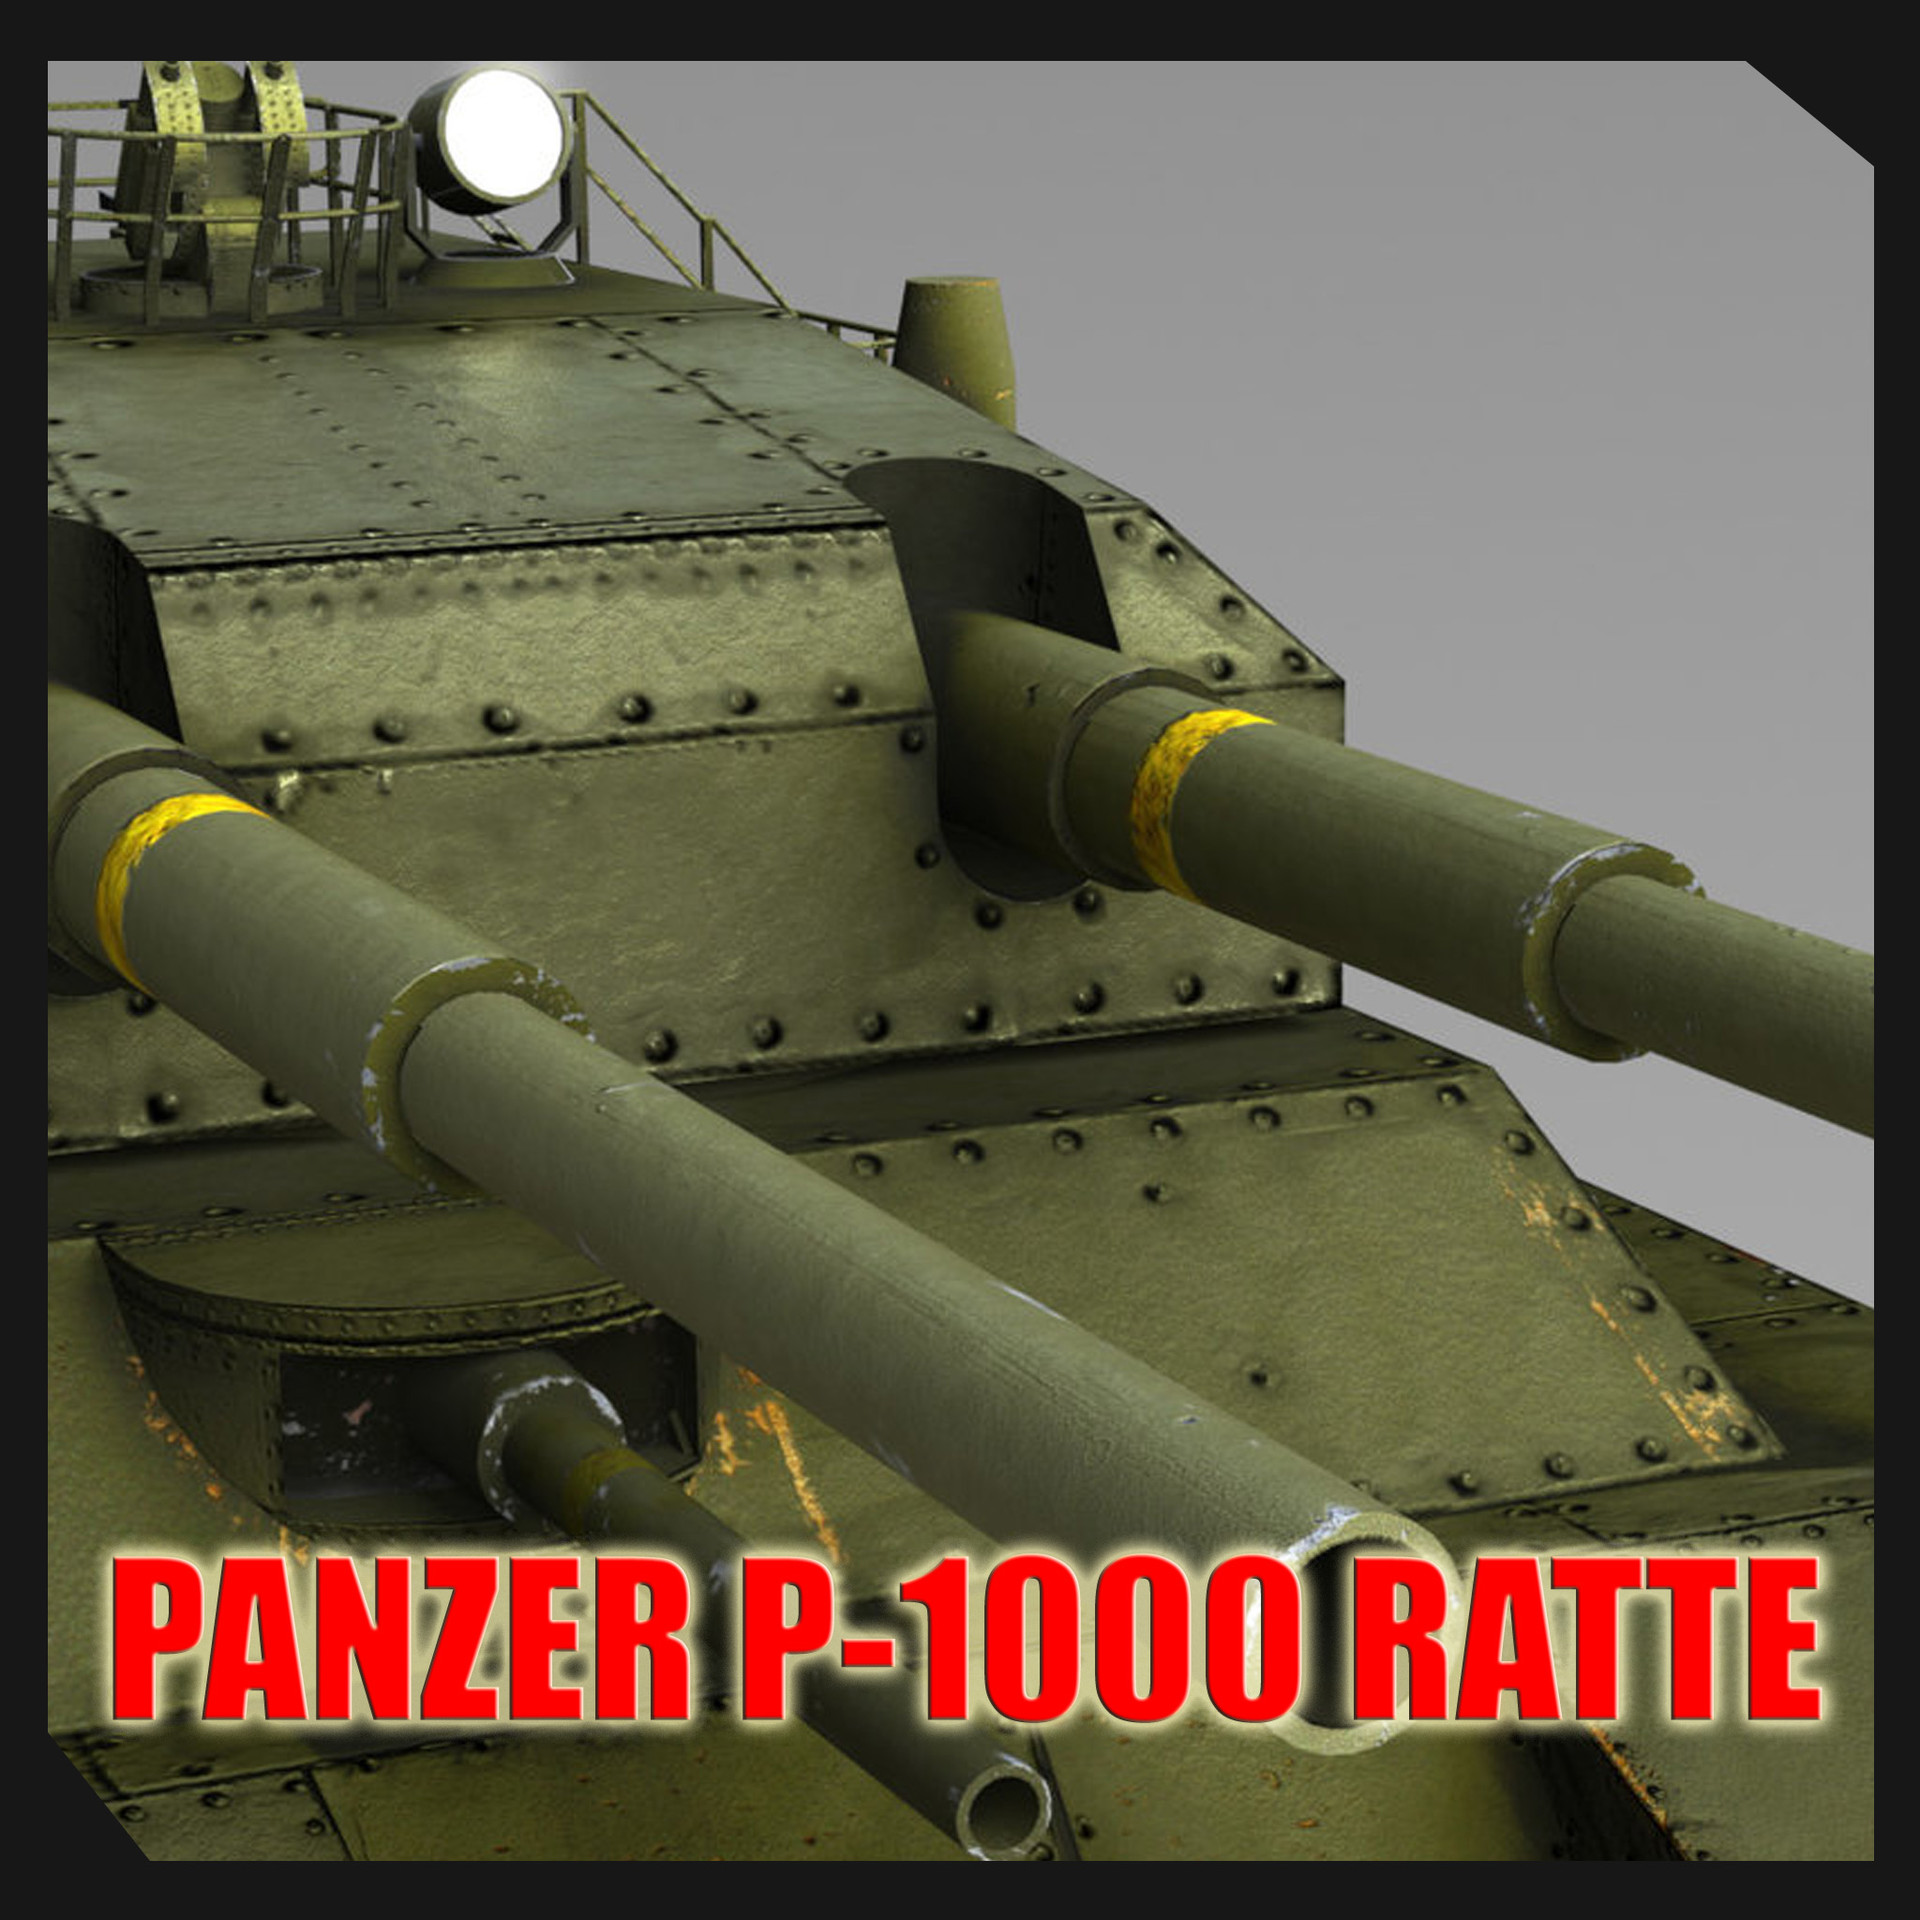 Panzer P-1000 Ratte Landkreuzer Tank By Sergio Mengual